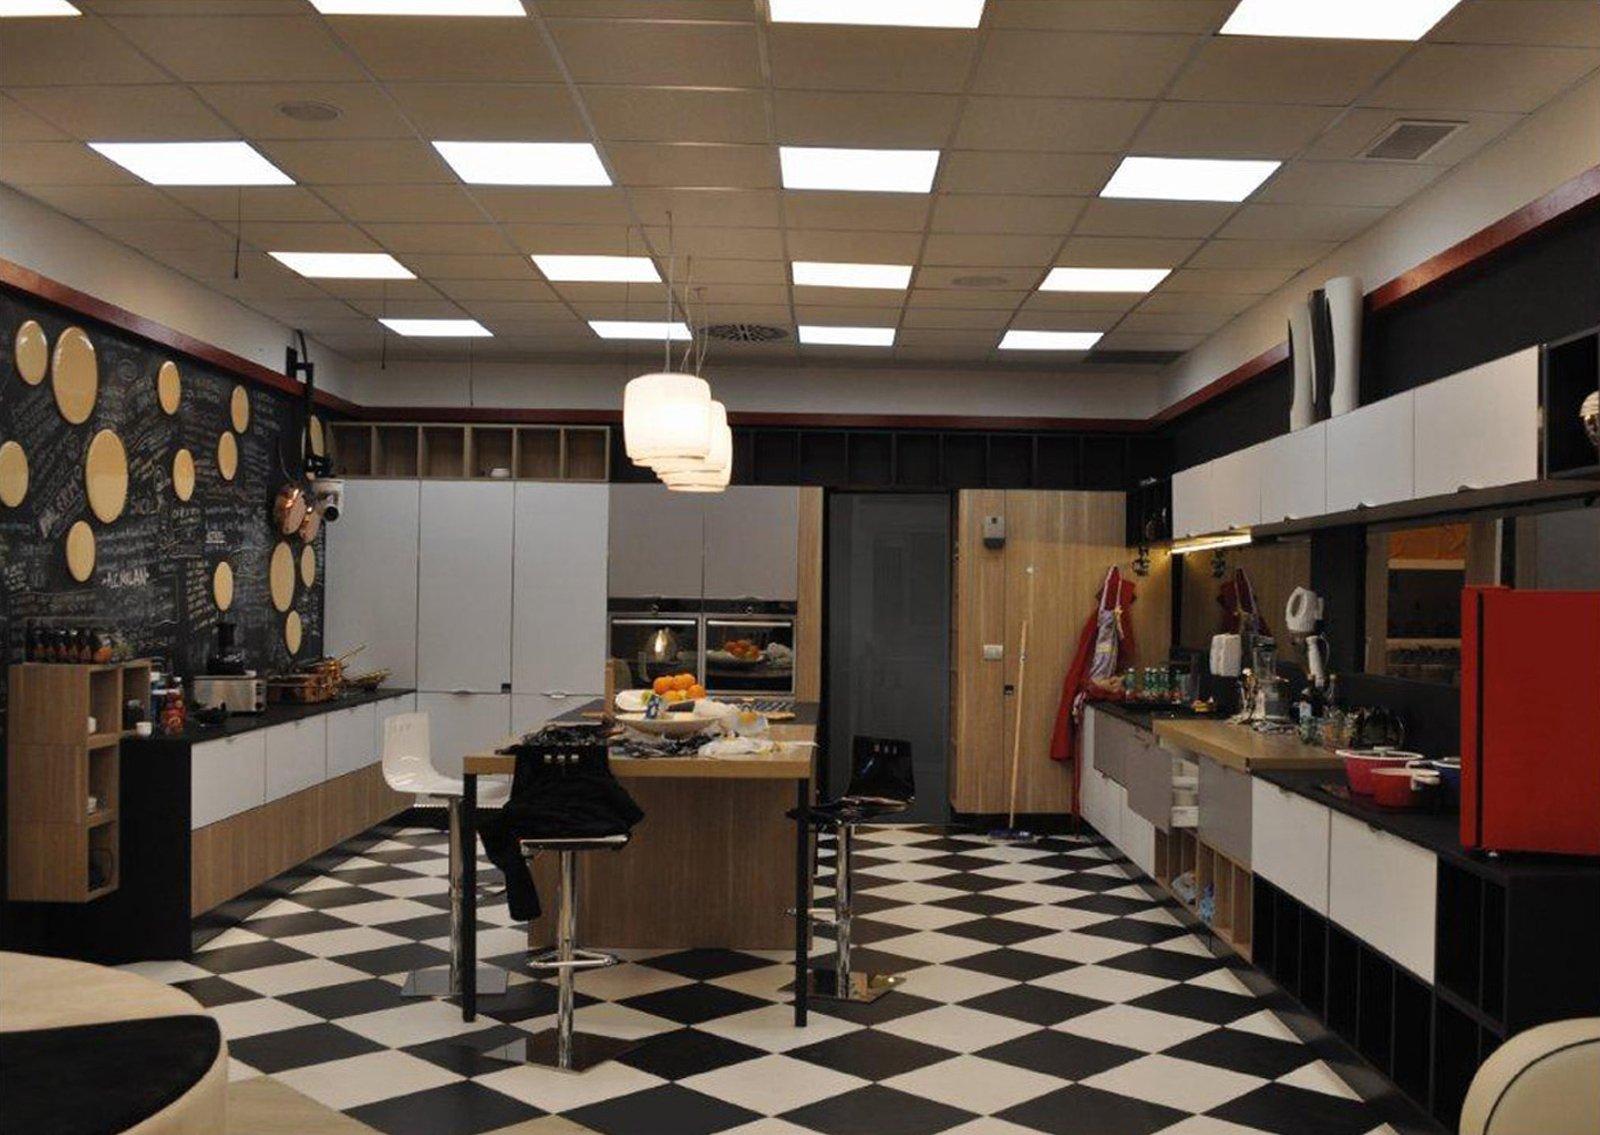 Ikea Cucine 2015 : Al grande fratello la cucina è di aran cucine cose casa